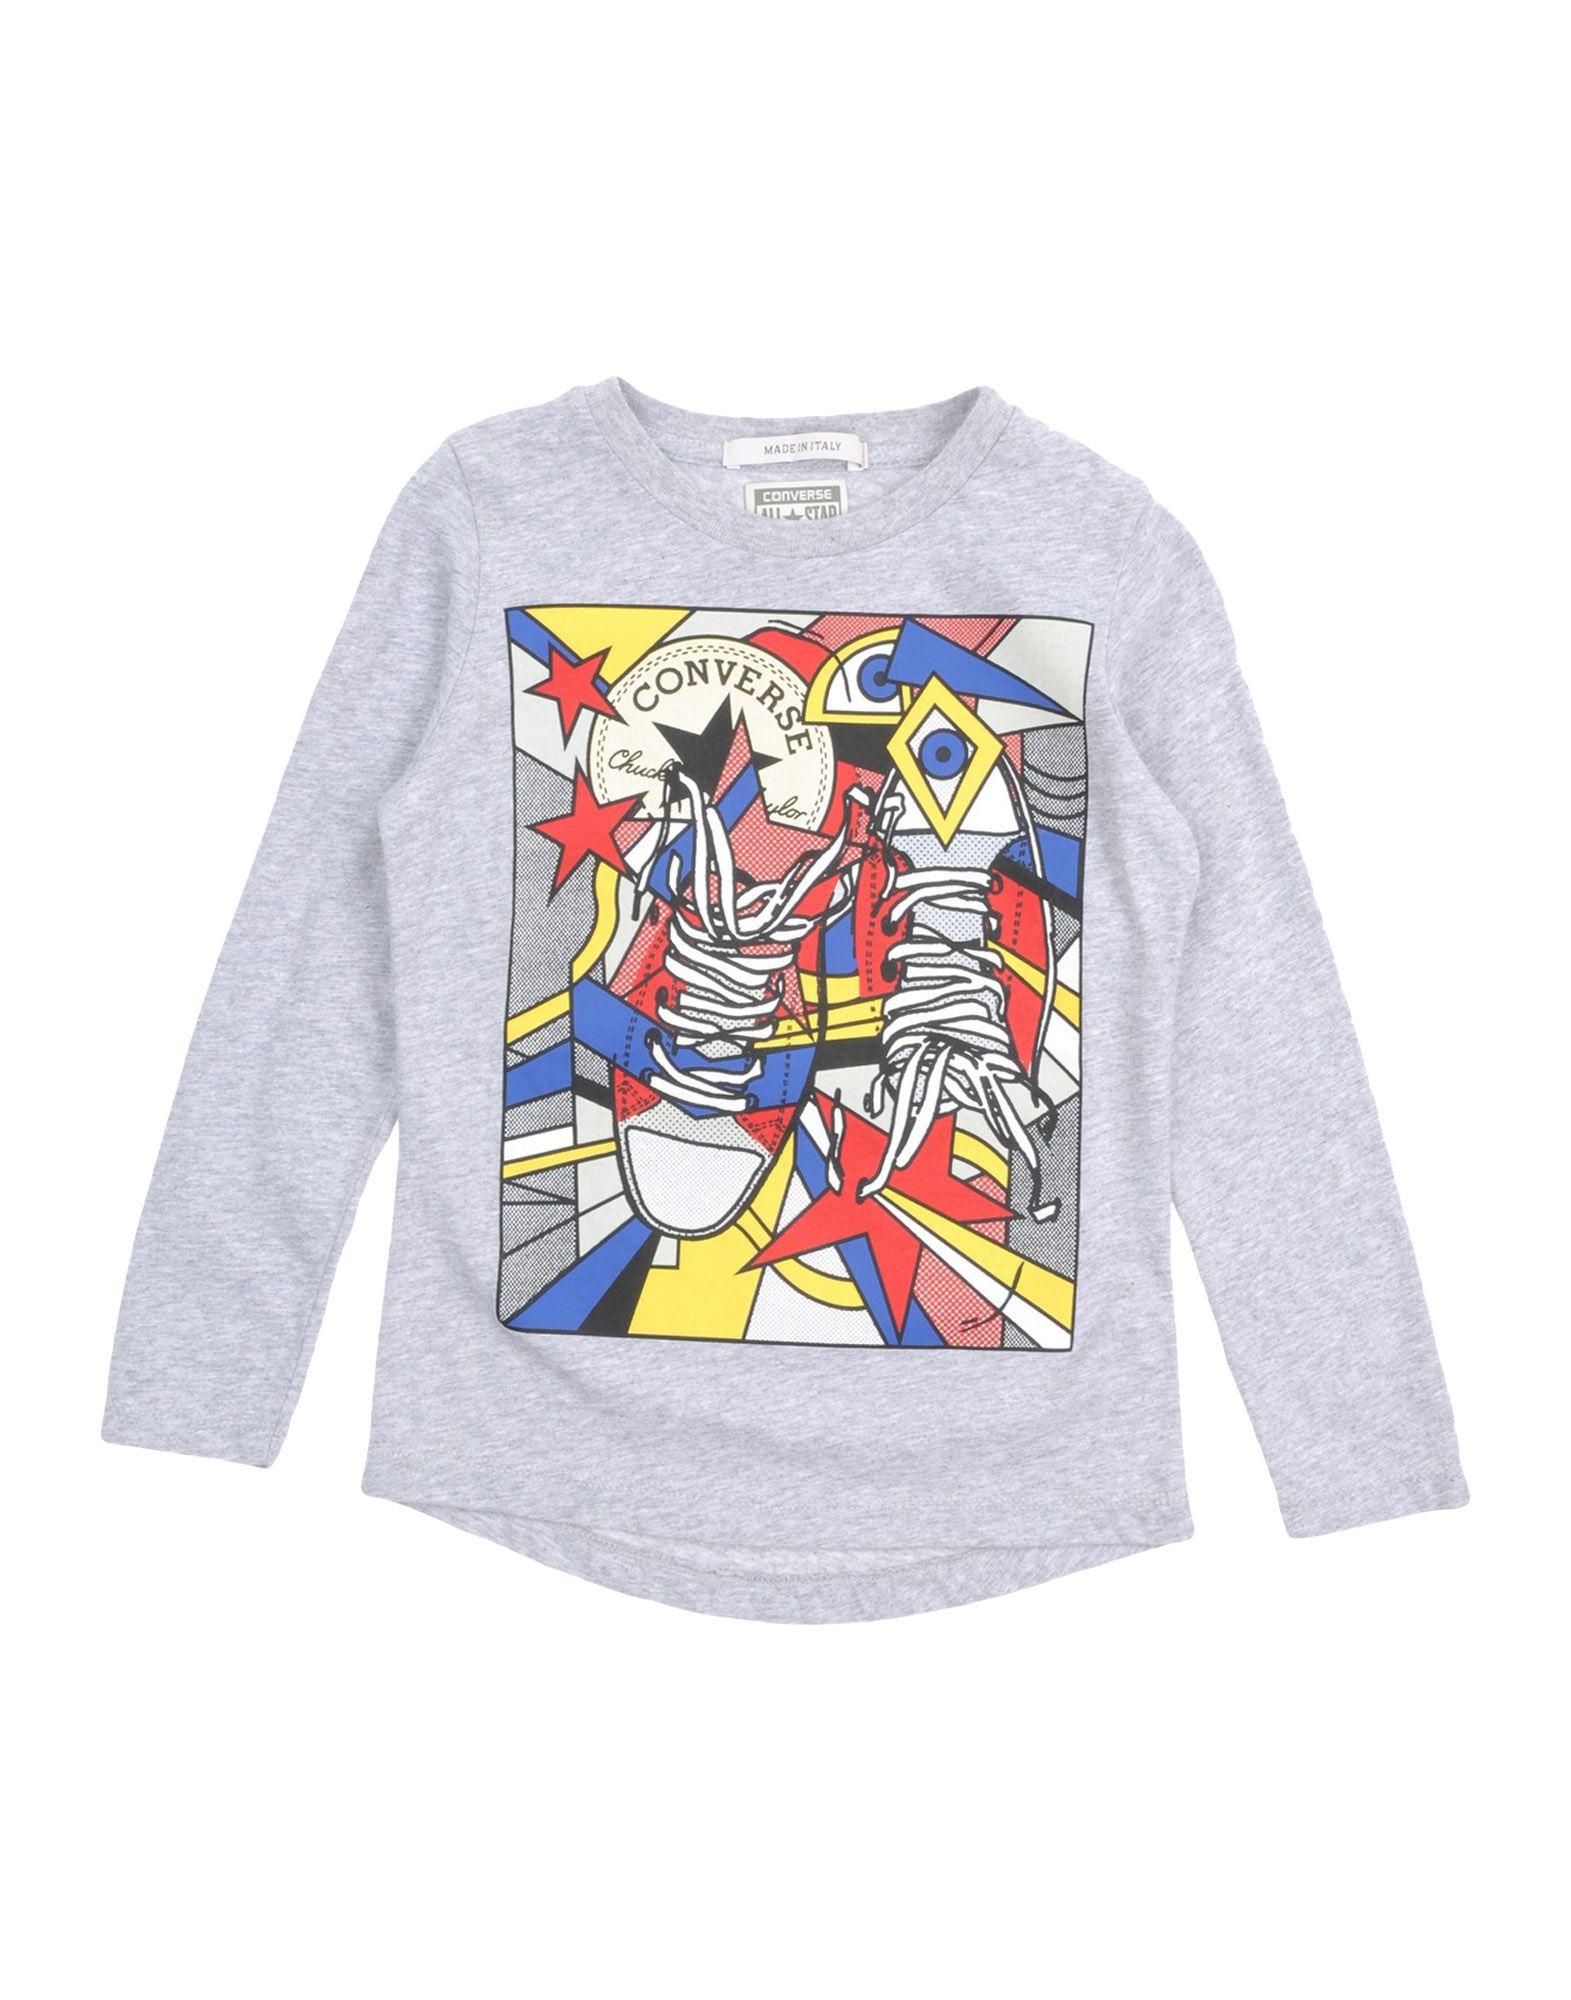 CONVERSE ALL STAR Mädchen 3-8 jahre T-shirts Farbe Grau Größe 2